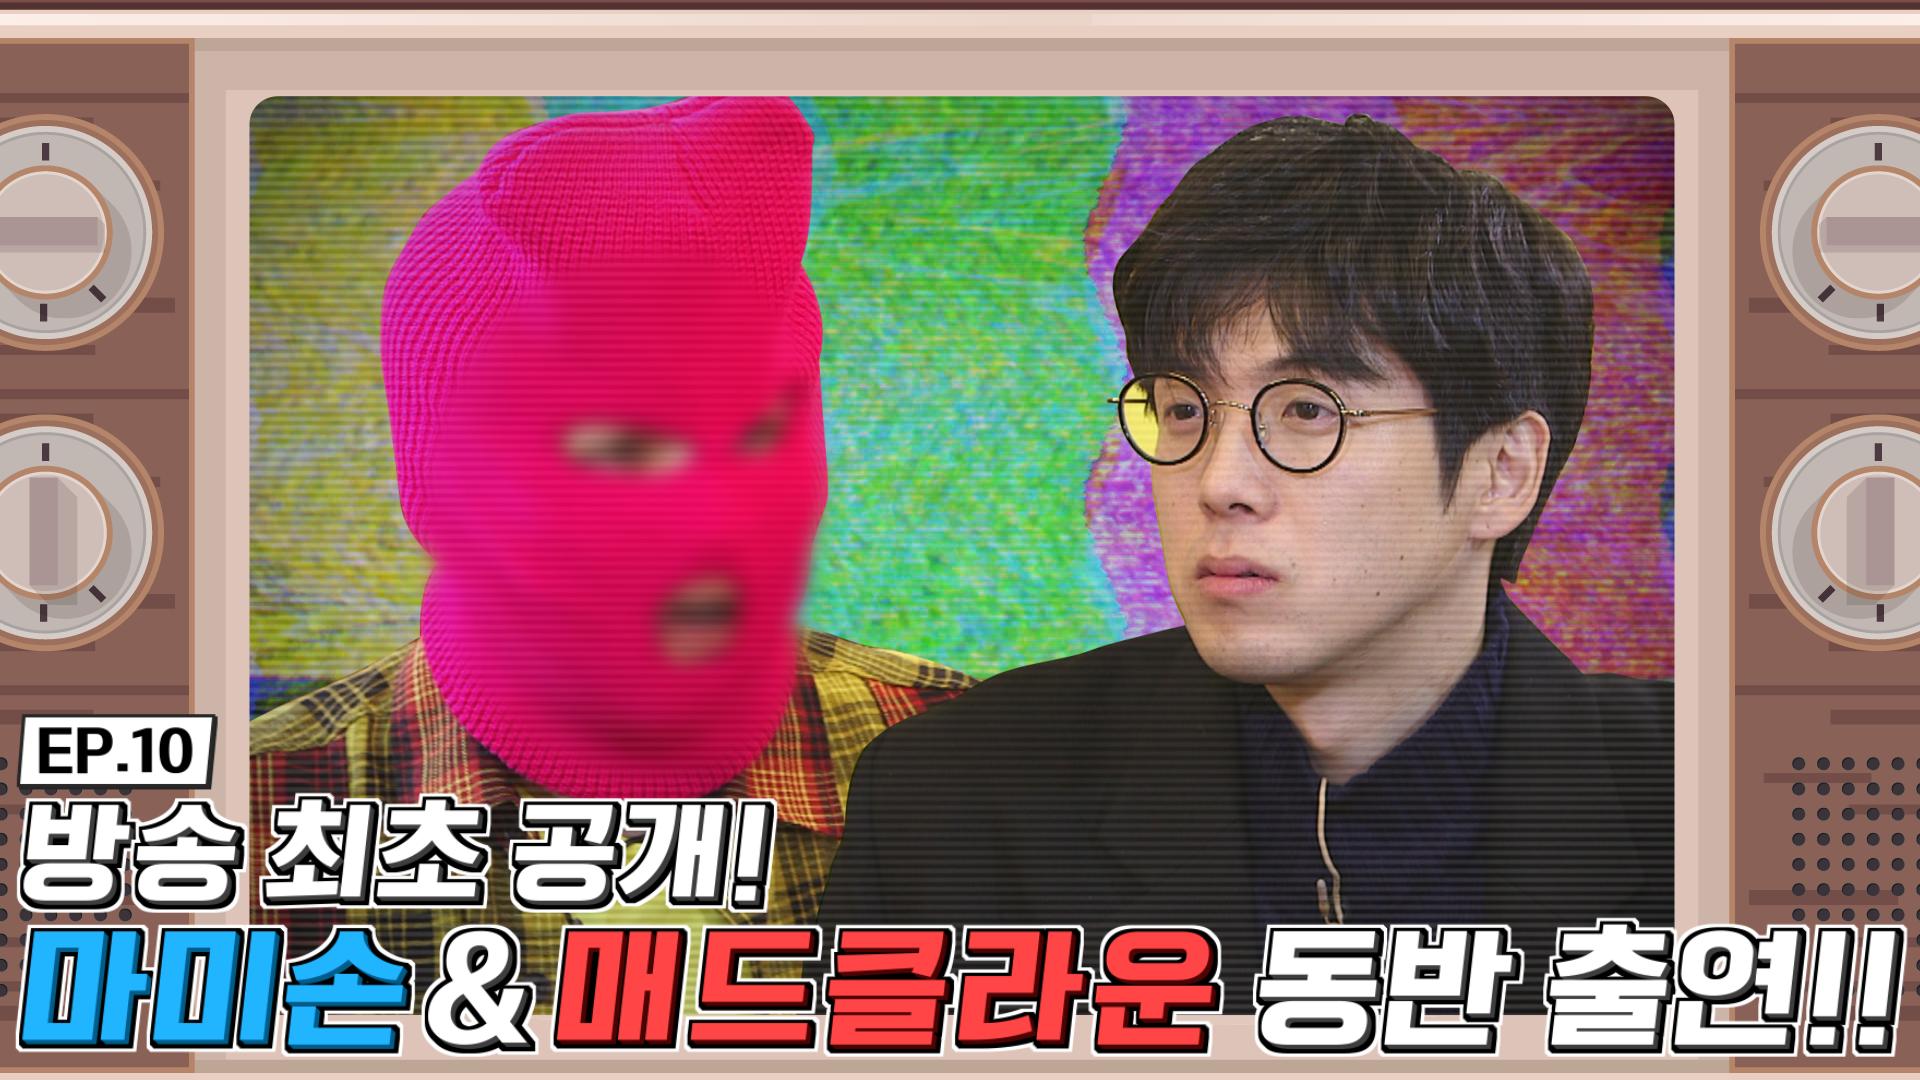 """[핵인싸동맹] EP.10 딘딘 """"마미손의 정체공개"""" HACKINSSA CREW"""